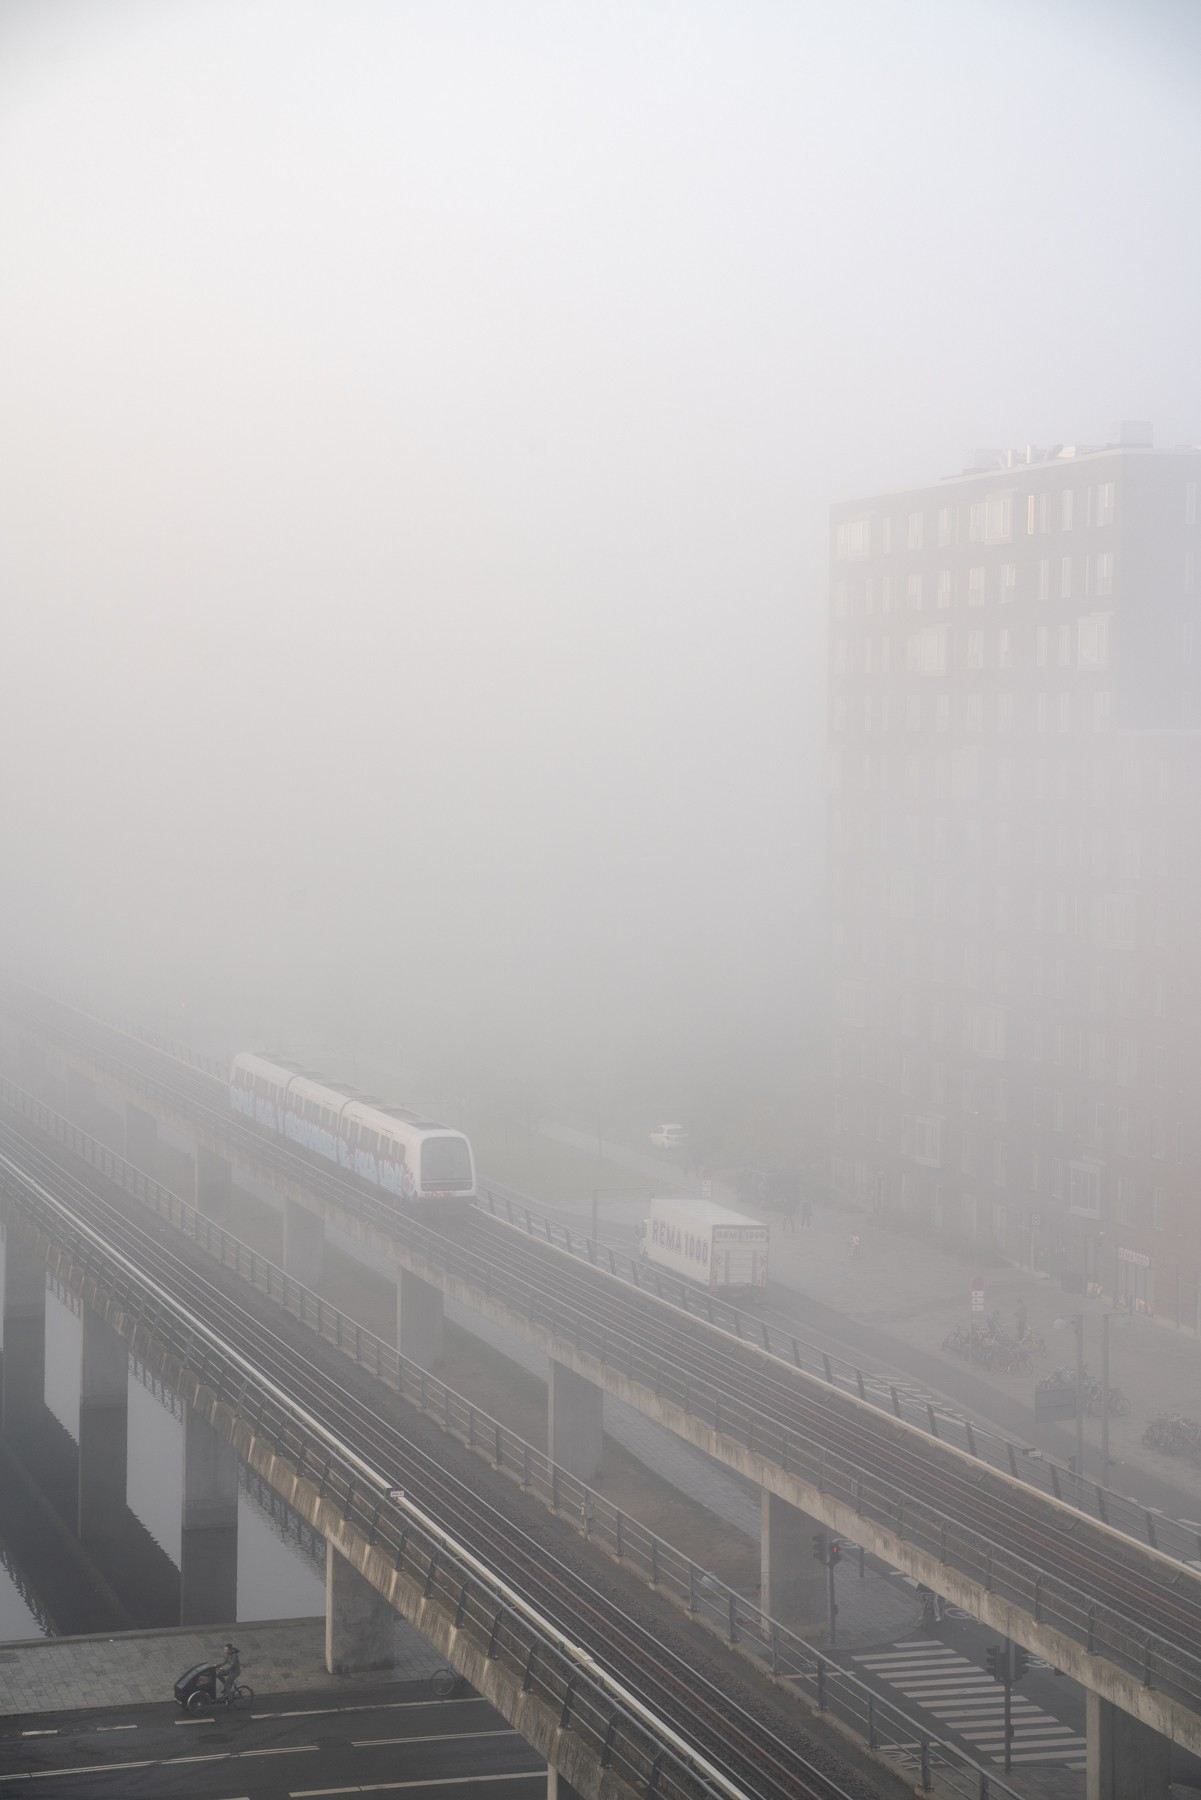 Ørestad C indhyllet i tåge